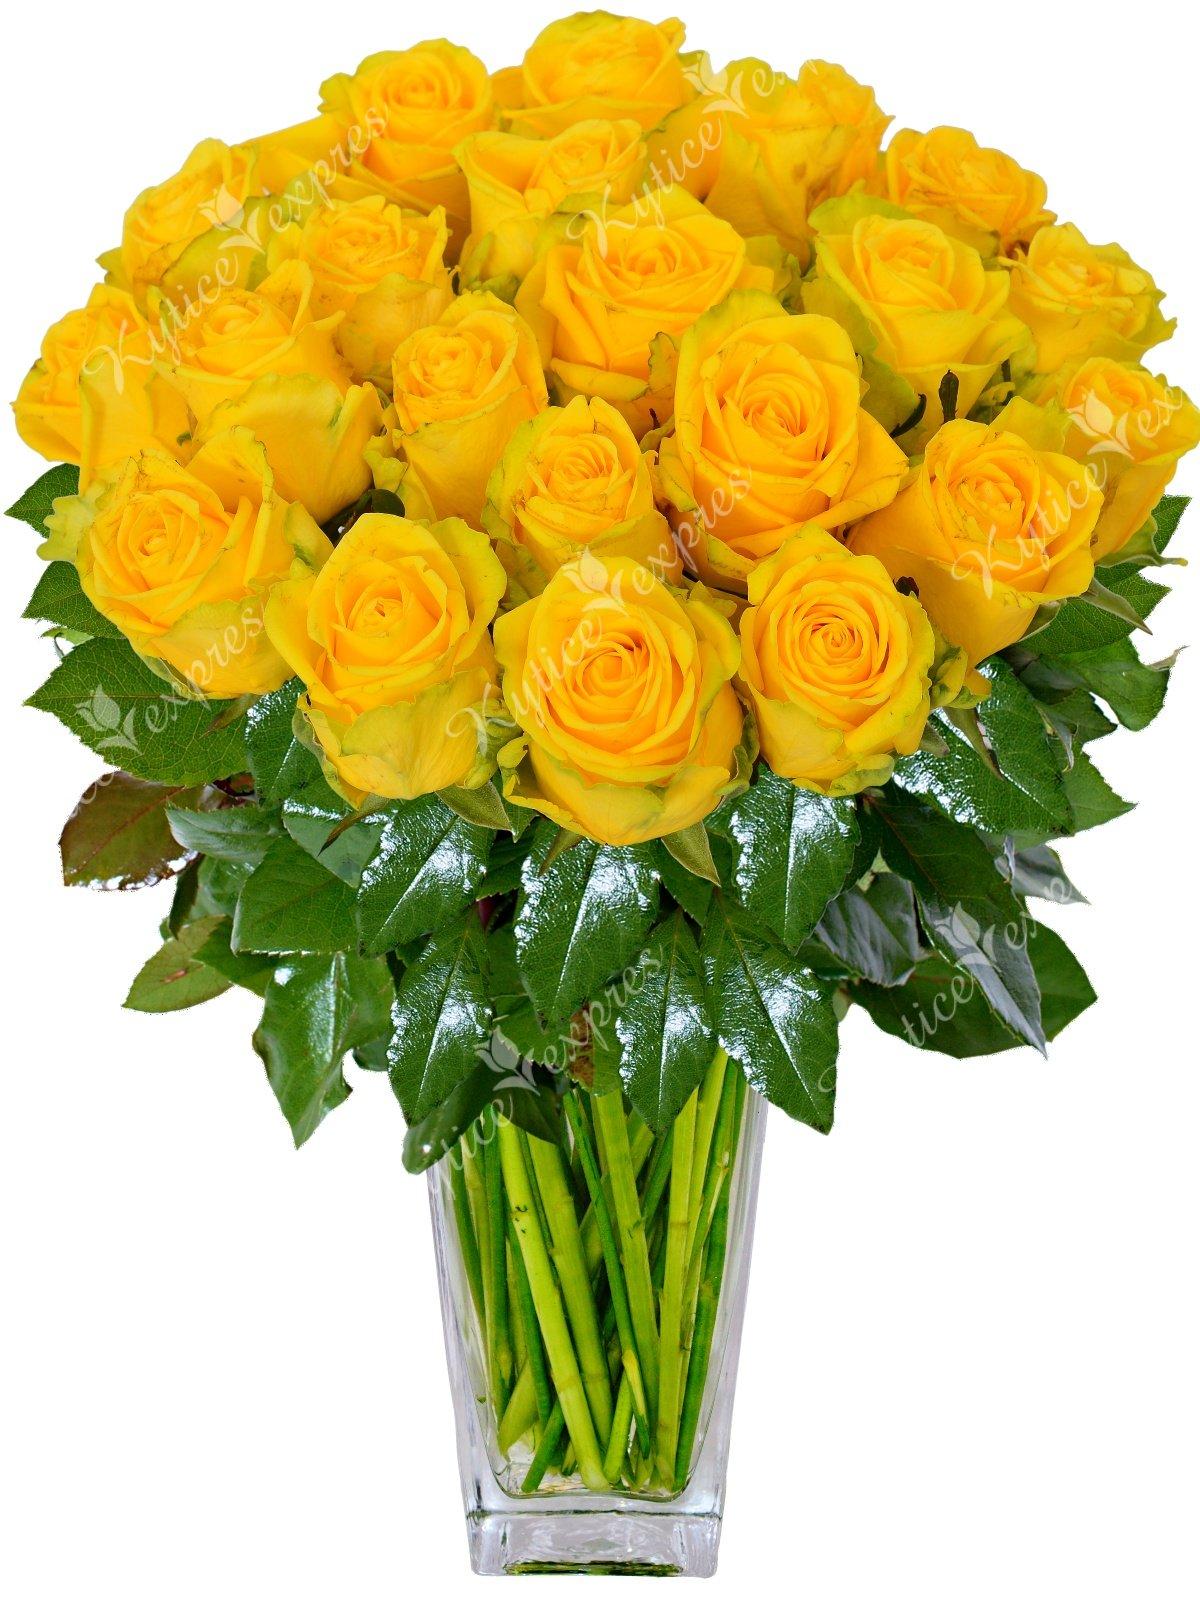 Машинками для, картинки букеты желтых роз